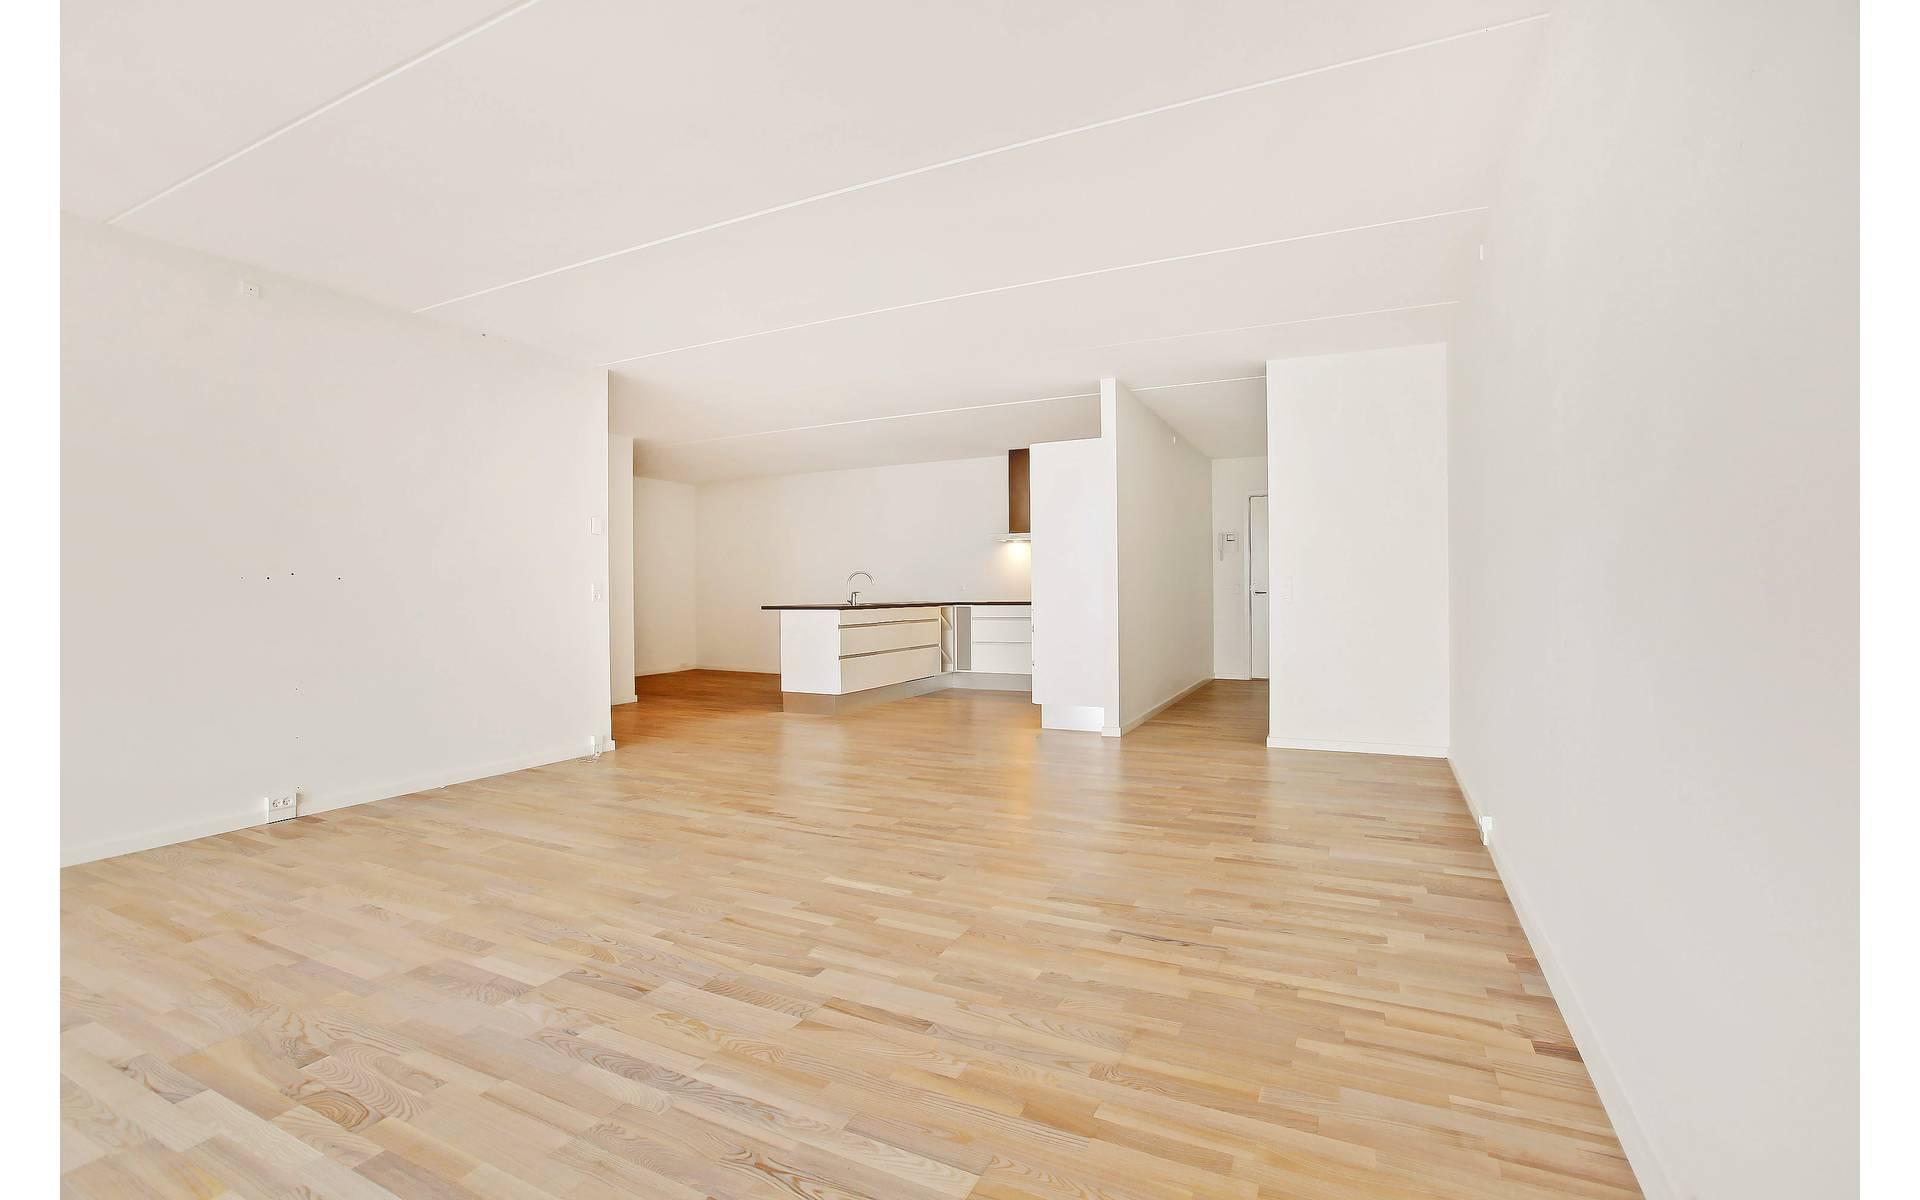 Alquilar sin muebles - Blog tienda decoración estilo nórdico ...